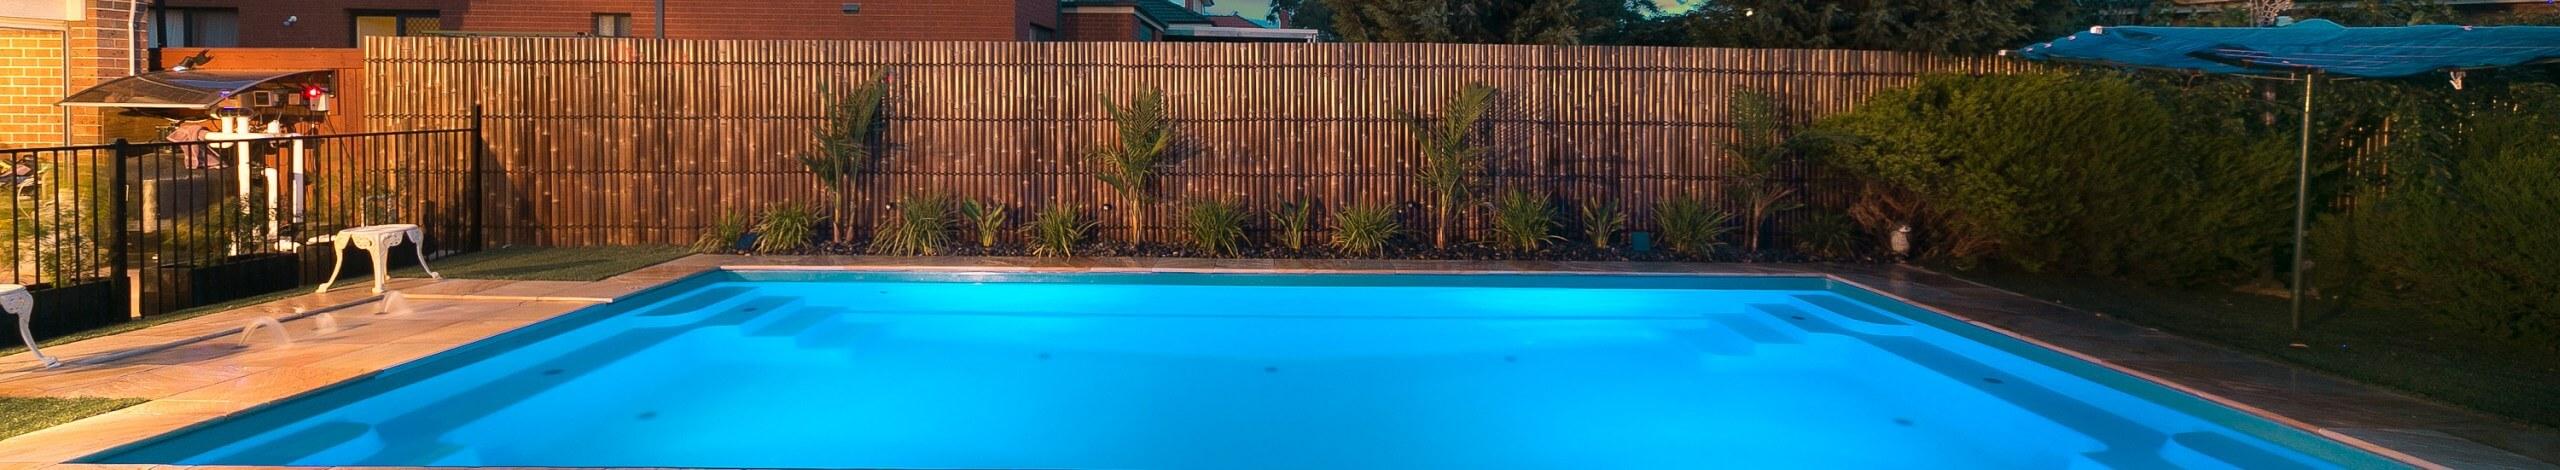 Contemporary Fibreglass Pool Shape Header